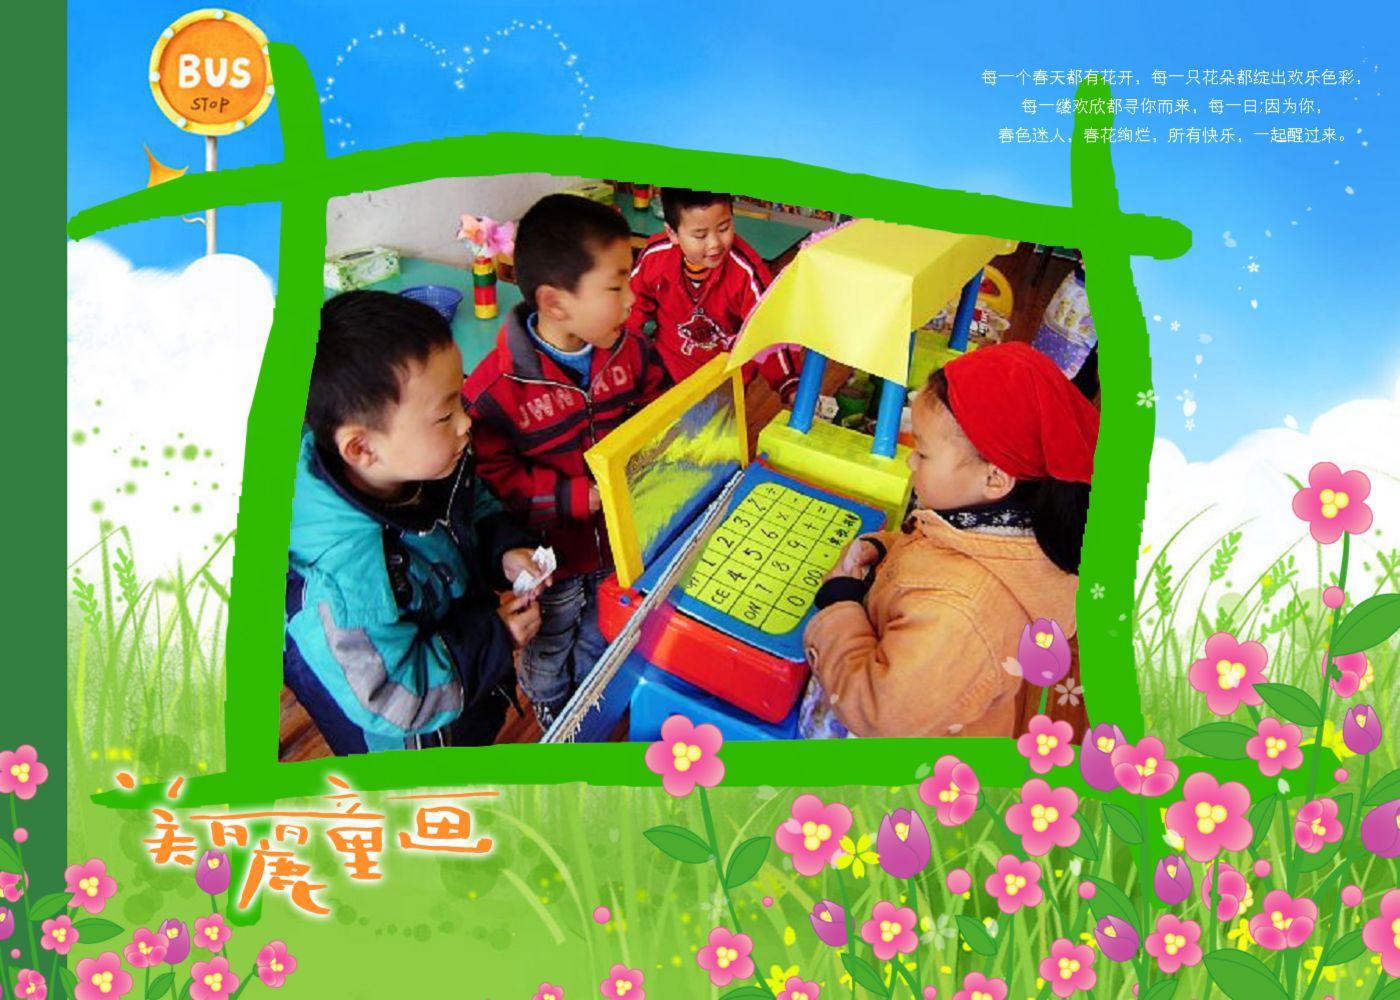 谷阳新村幼儿园 金田花园幼儿园 美林湾幼儿园2009春季新生报名开始啦